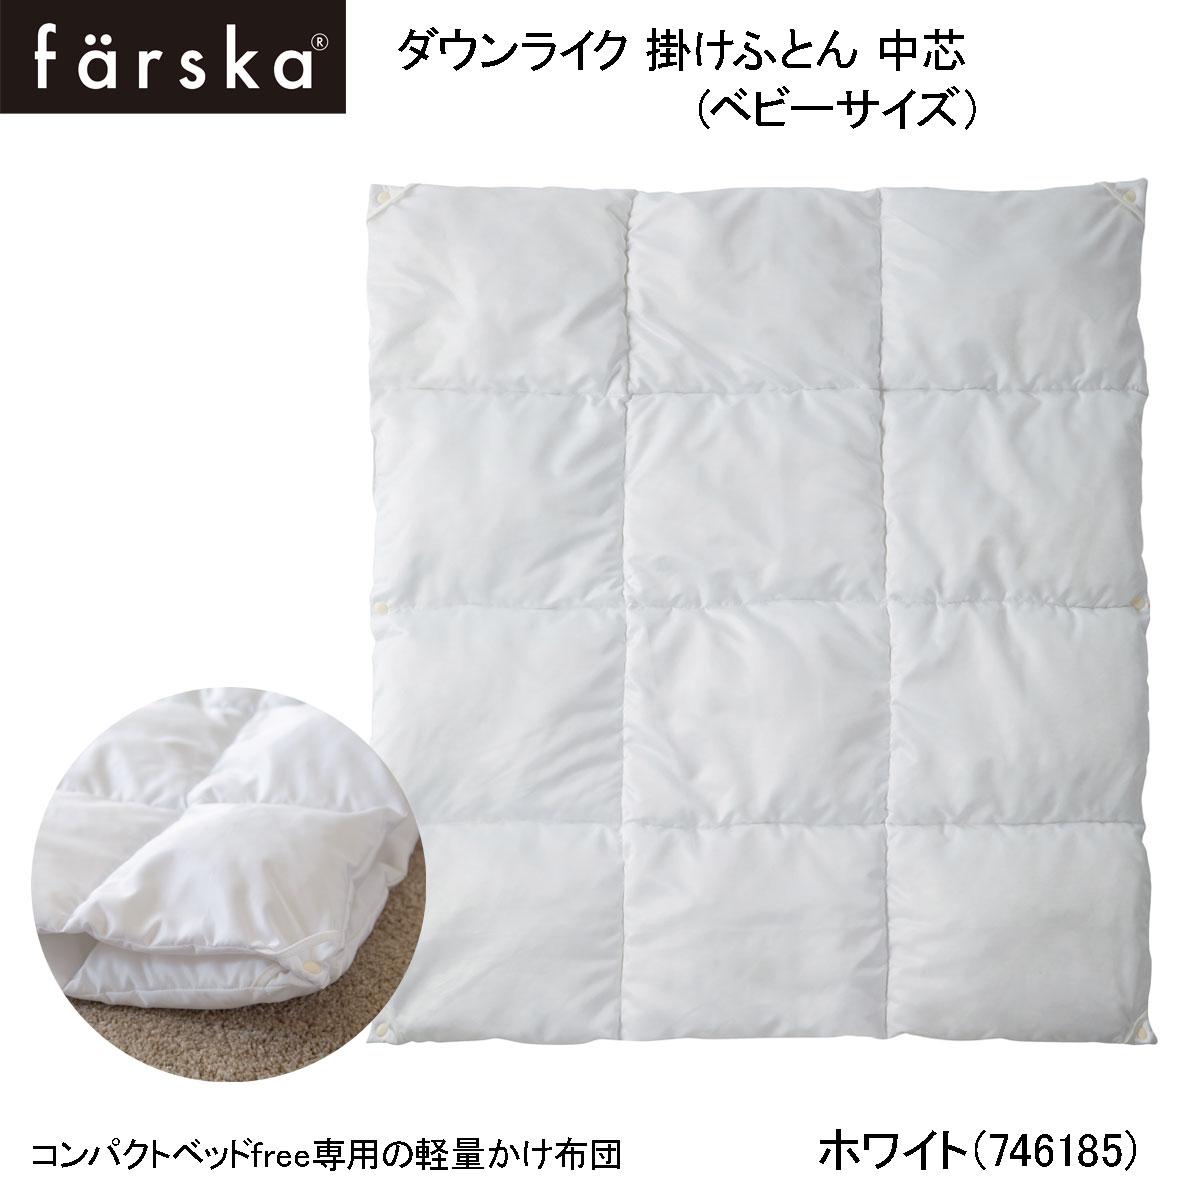 グランドール ファルスカ ダウンライク 掛けふとん 中芯(ベビーサイズ) ホワイト(746185)/ farska 軽量 暖かい 洗濯可能 静電気防止加工